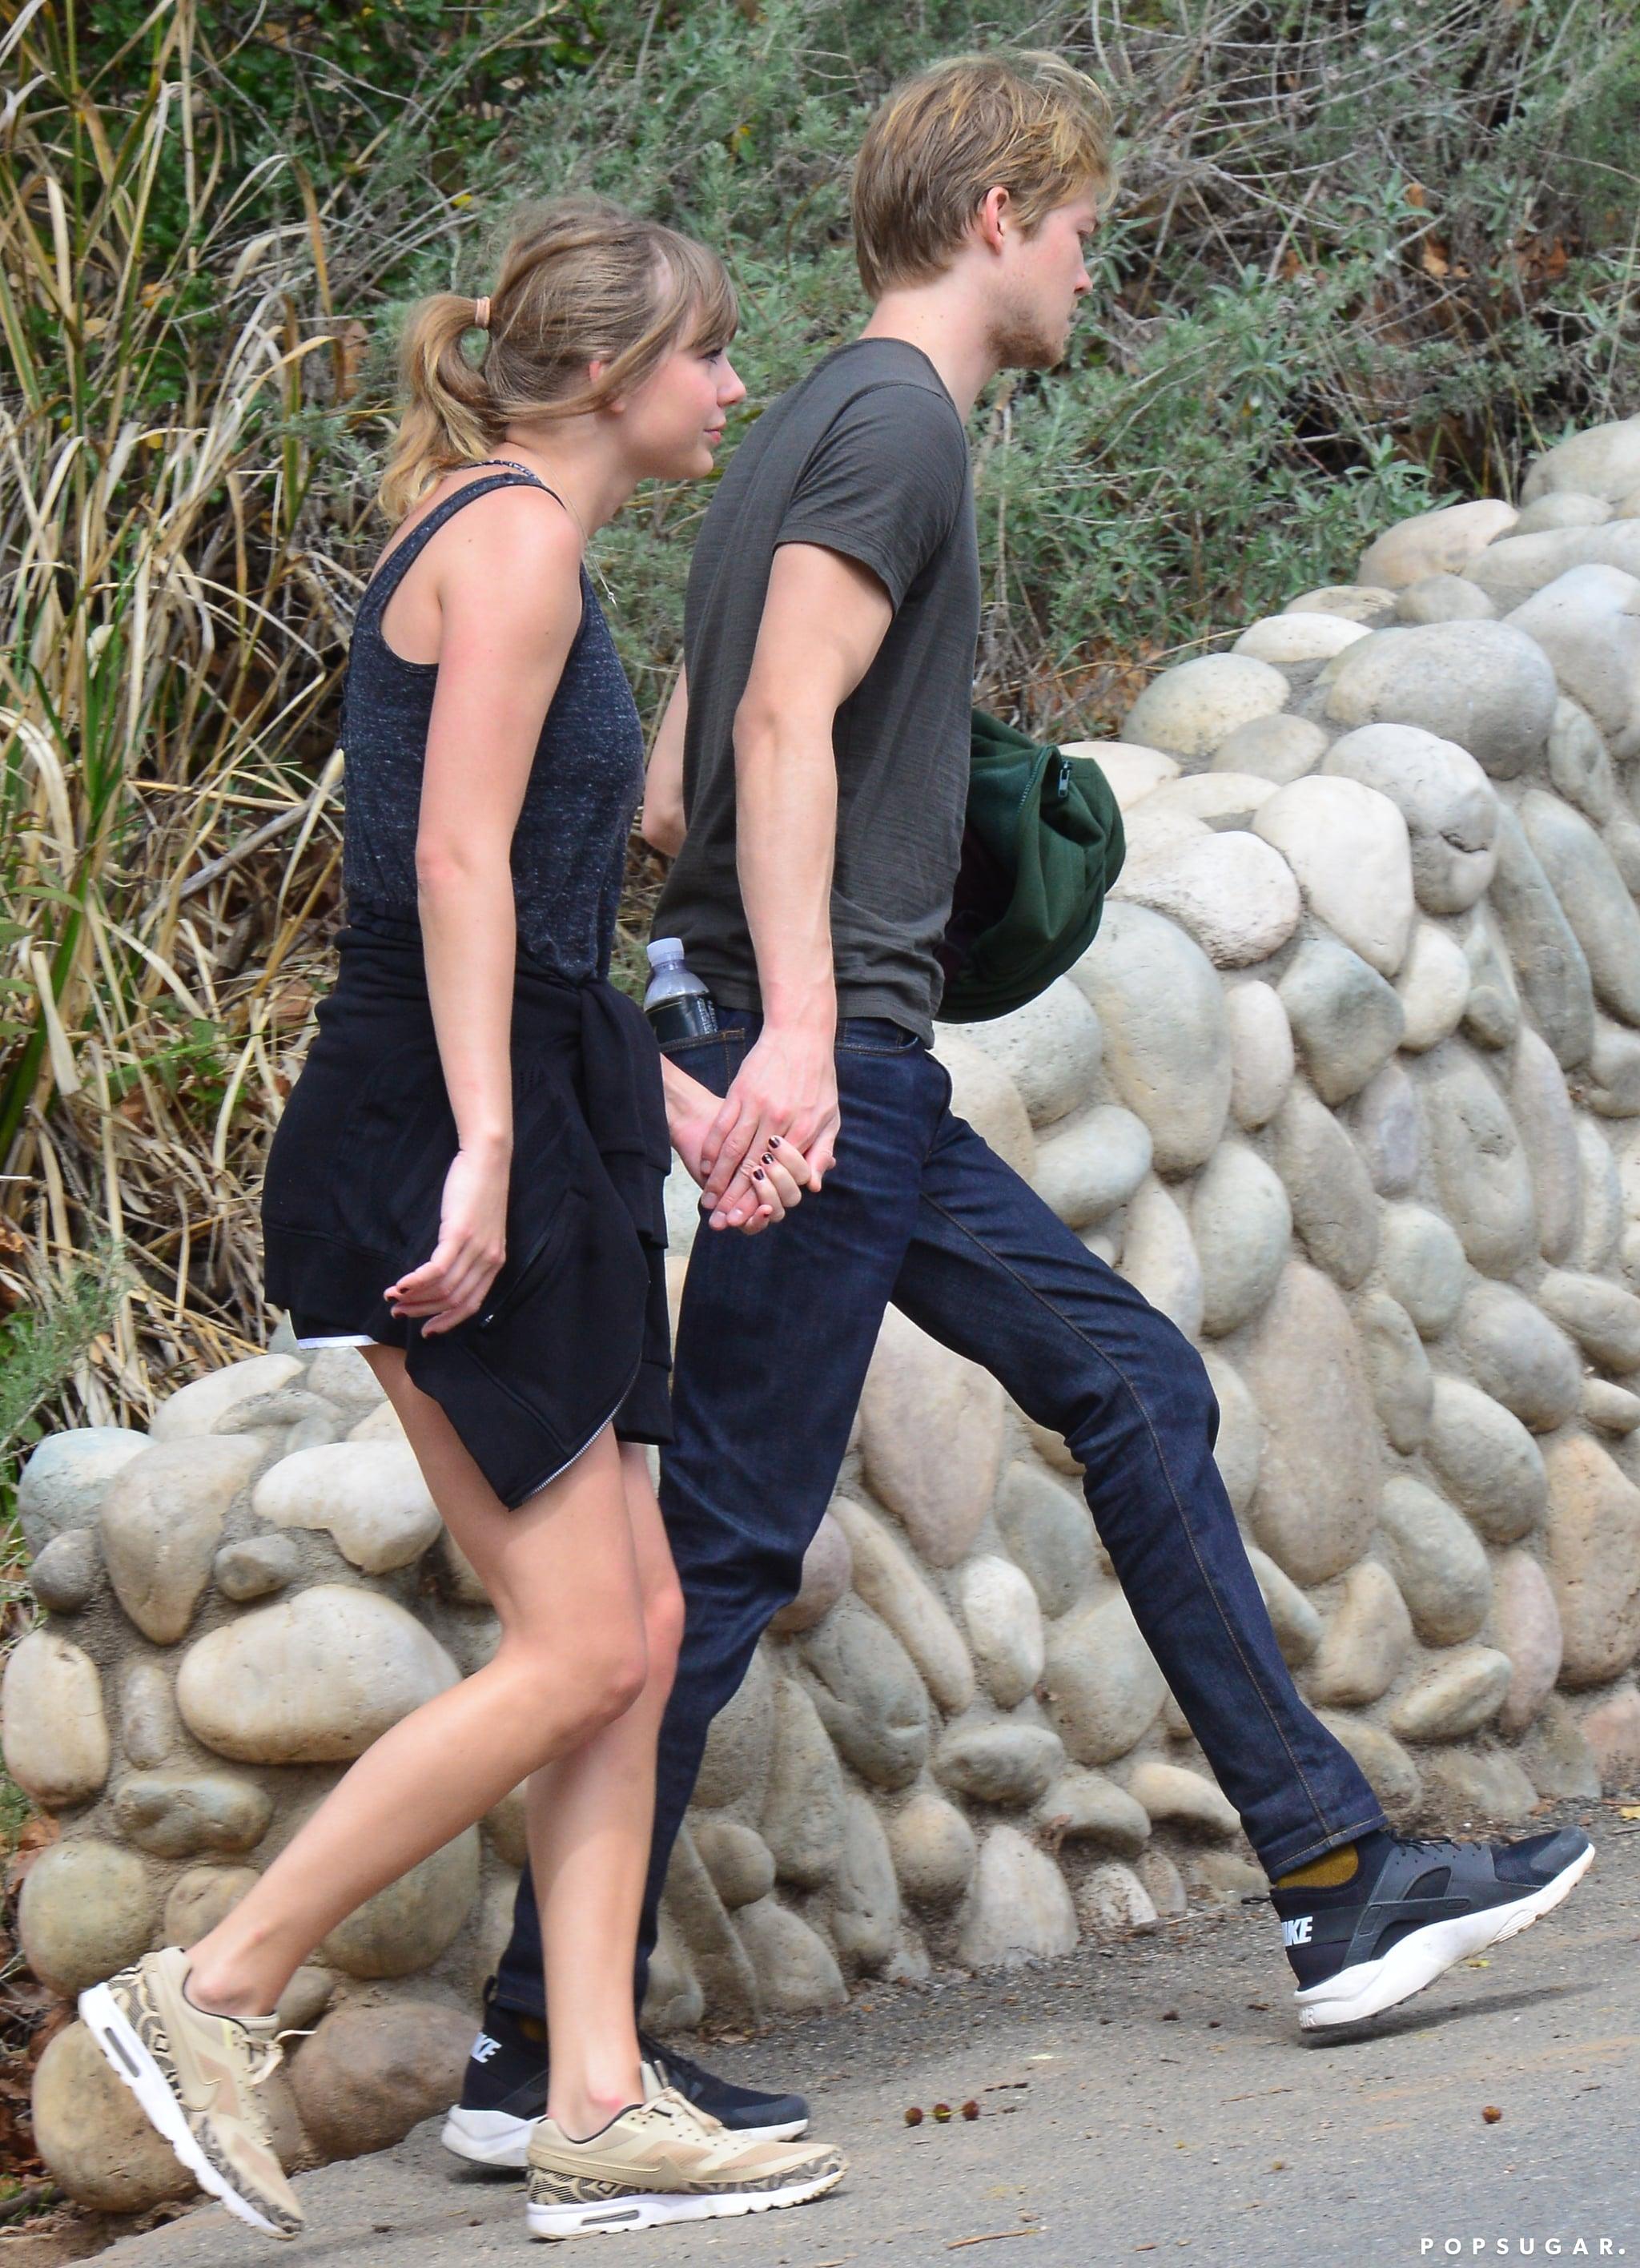 dinosaurio Comerciante importante  Taylor Swift Nike Sneakers on Hike With Joe Alwyn | POPSUGAR Fashion